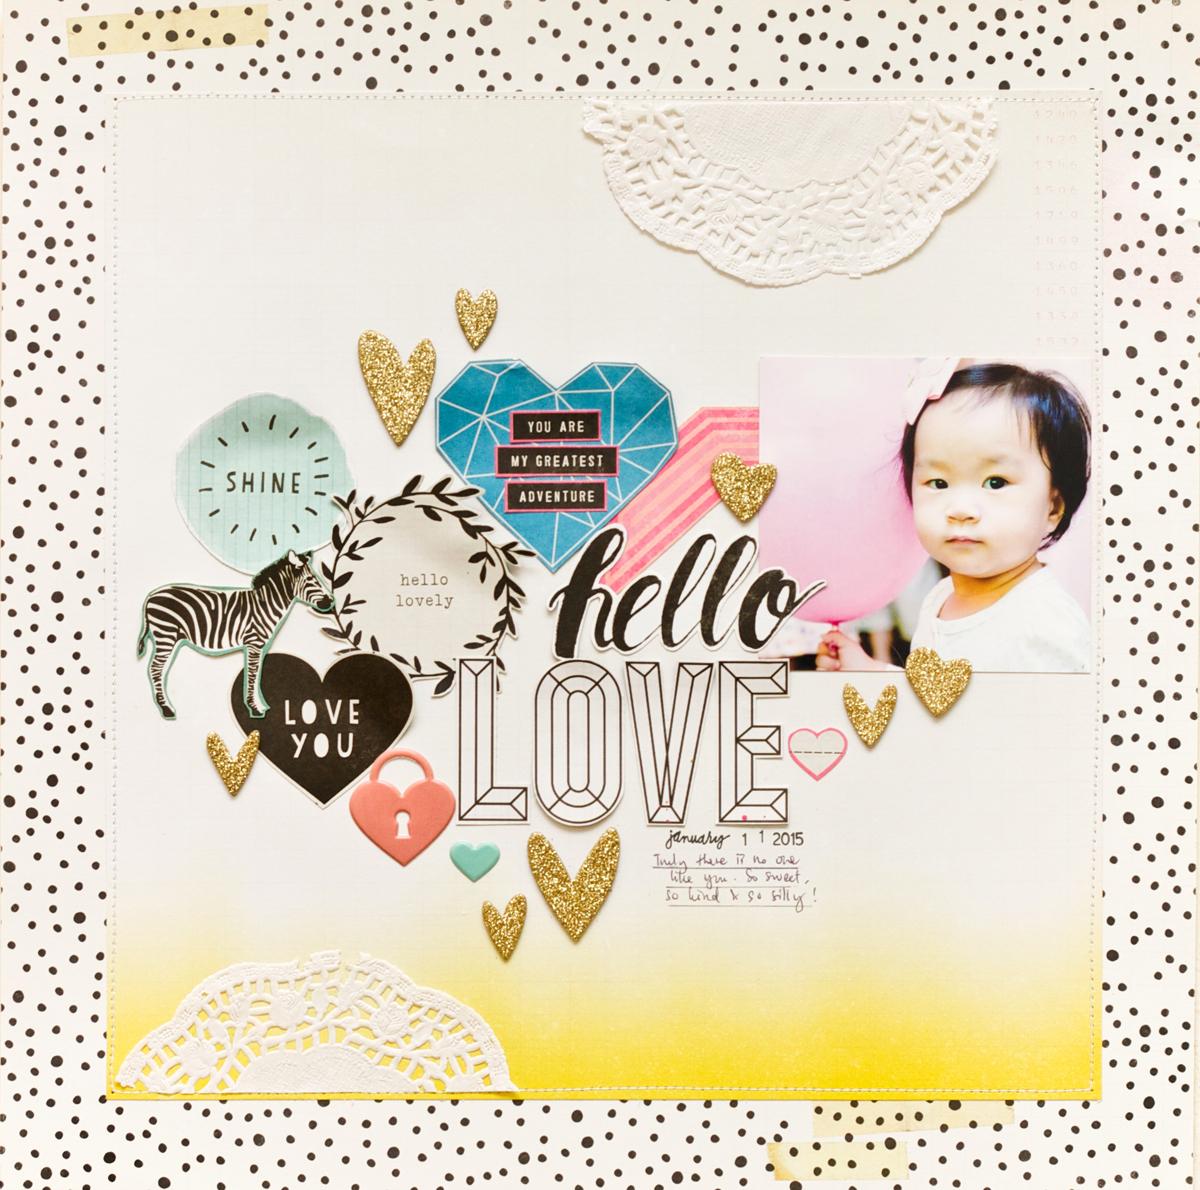 HelloLove_1